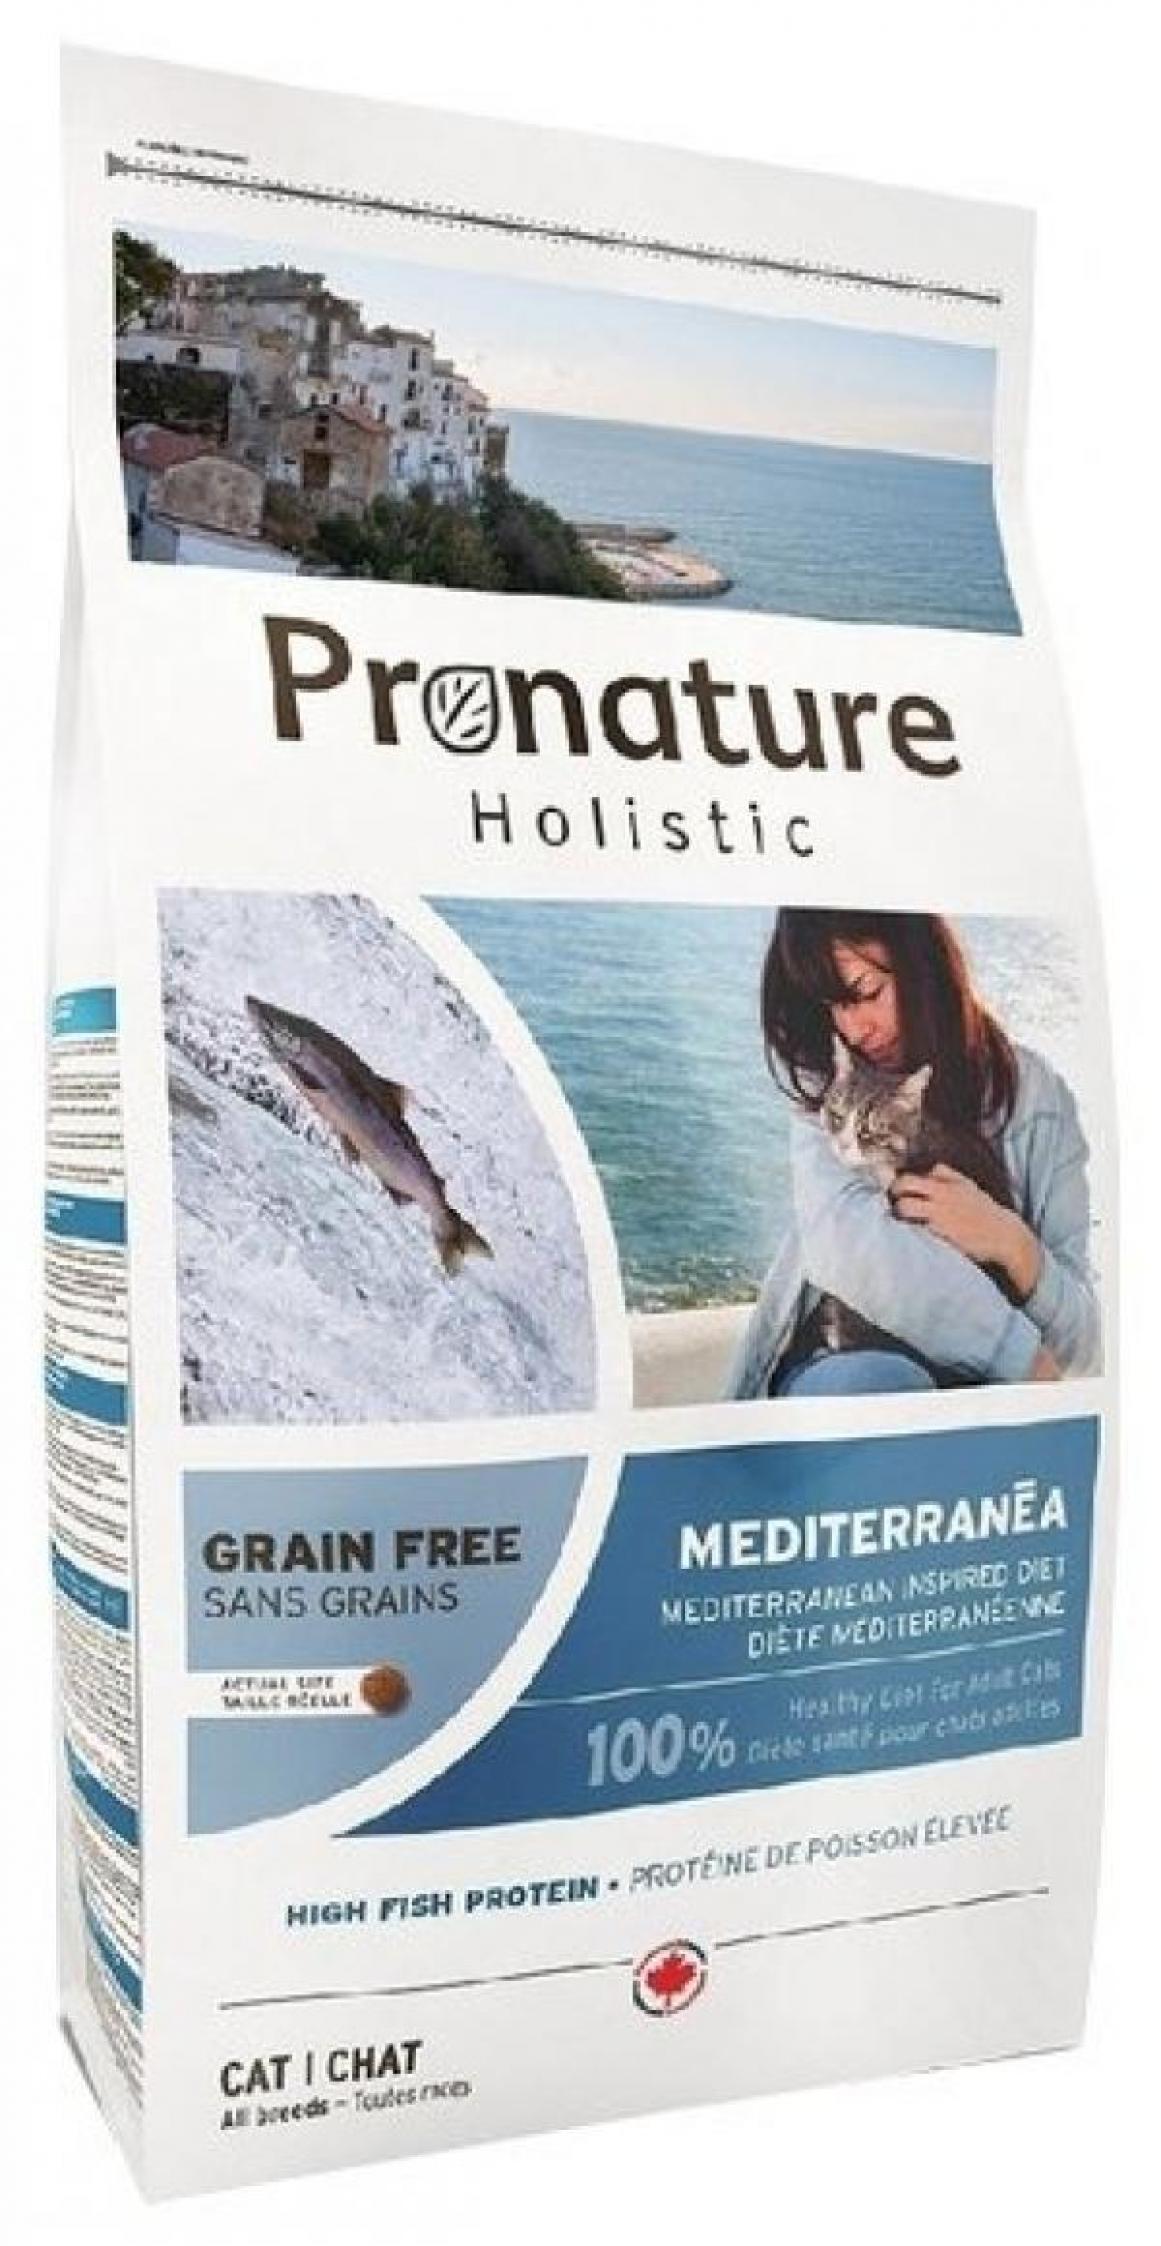 Pronature корм для взрослых кошек всех пород, с сельдью, лососем и чечевицей 2 кг